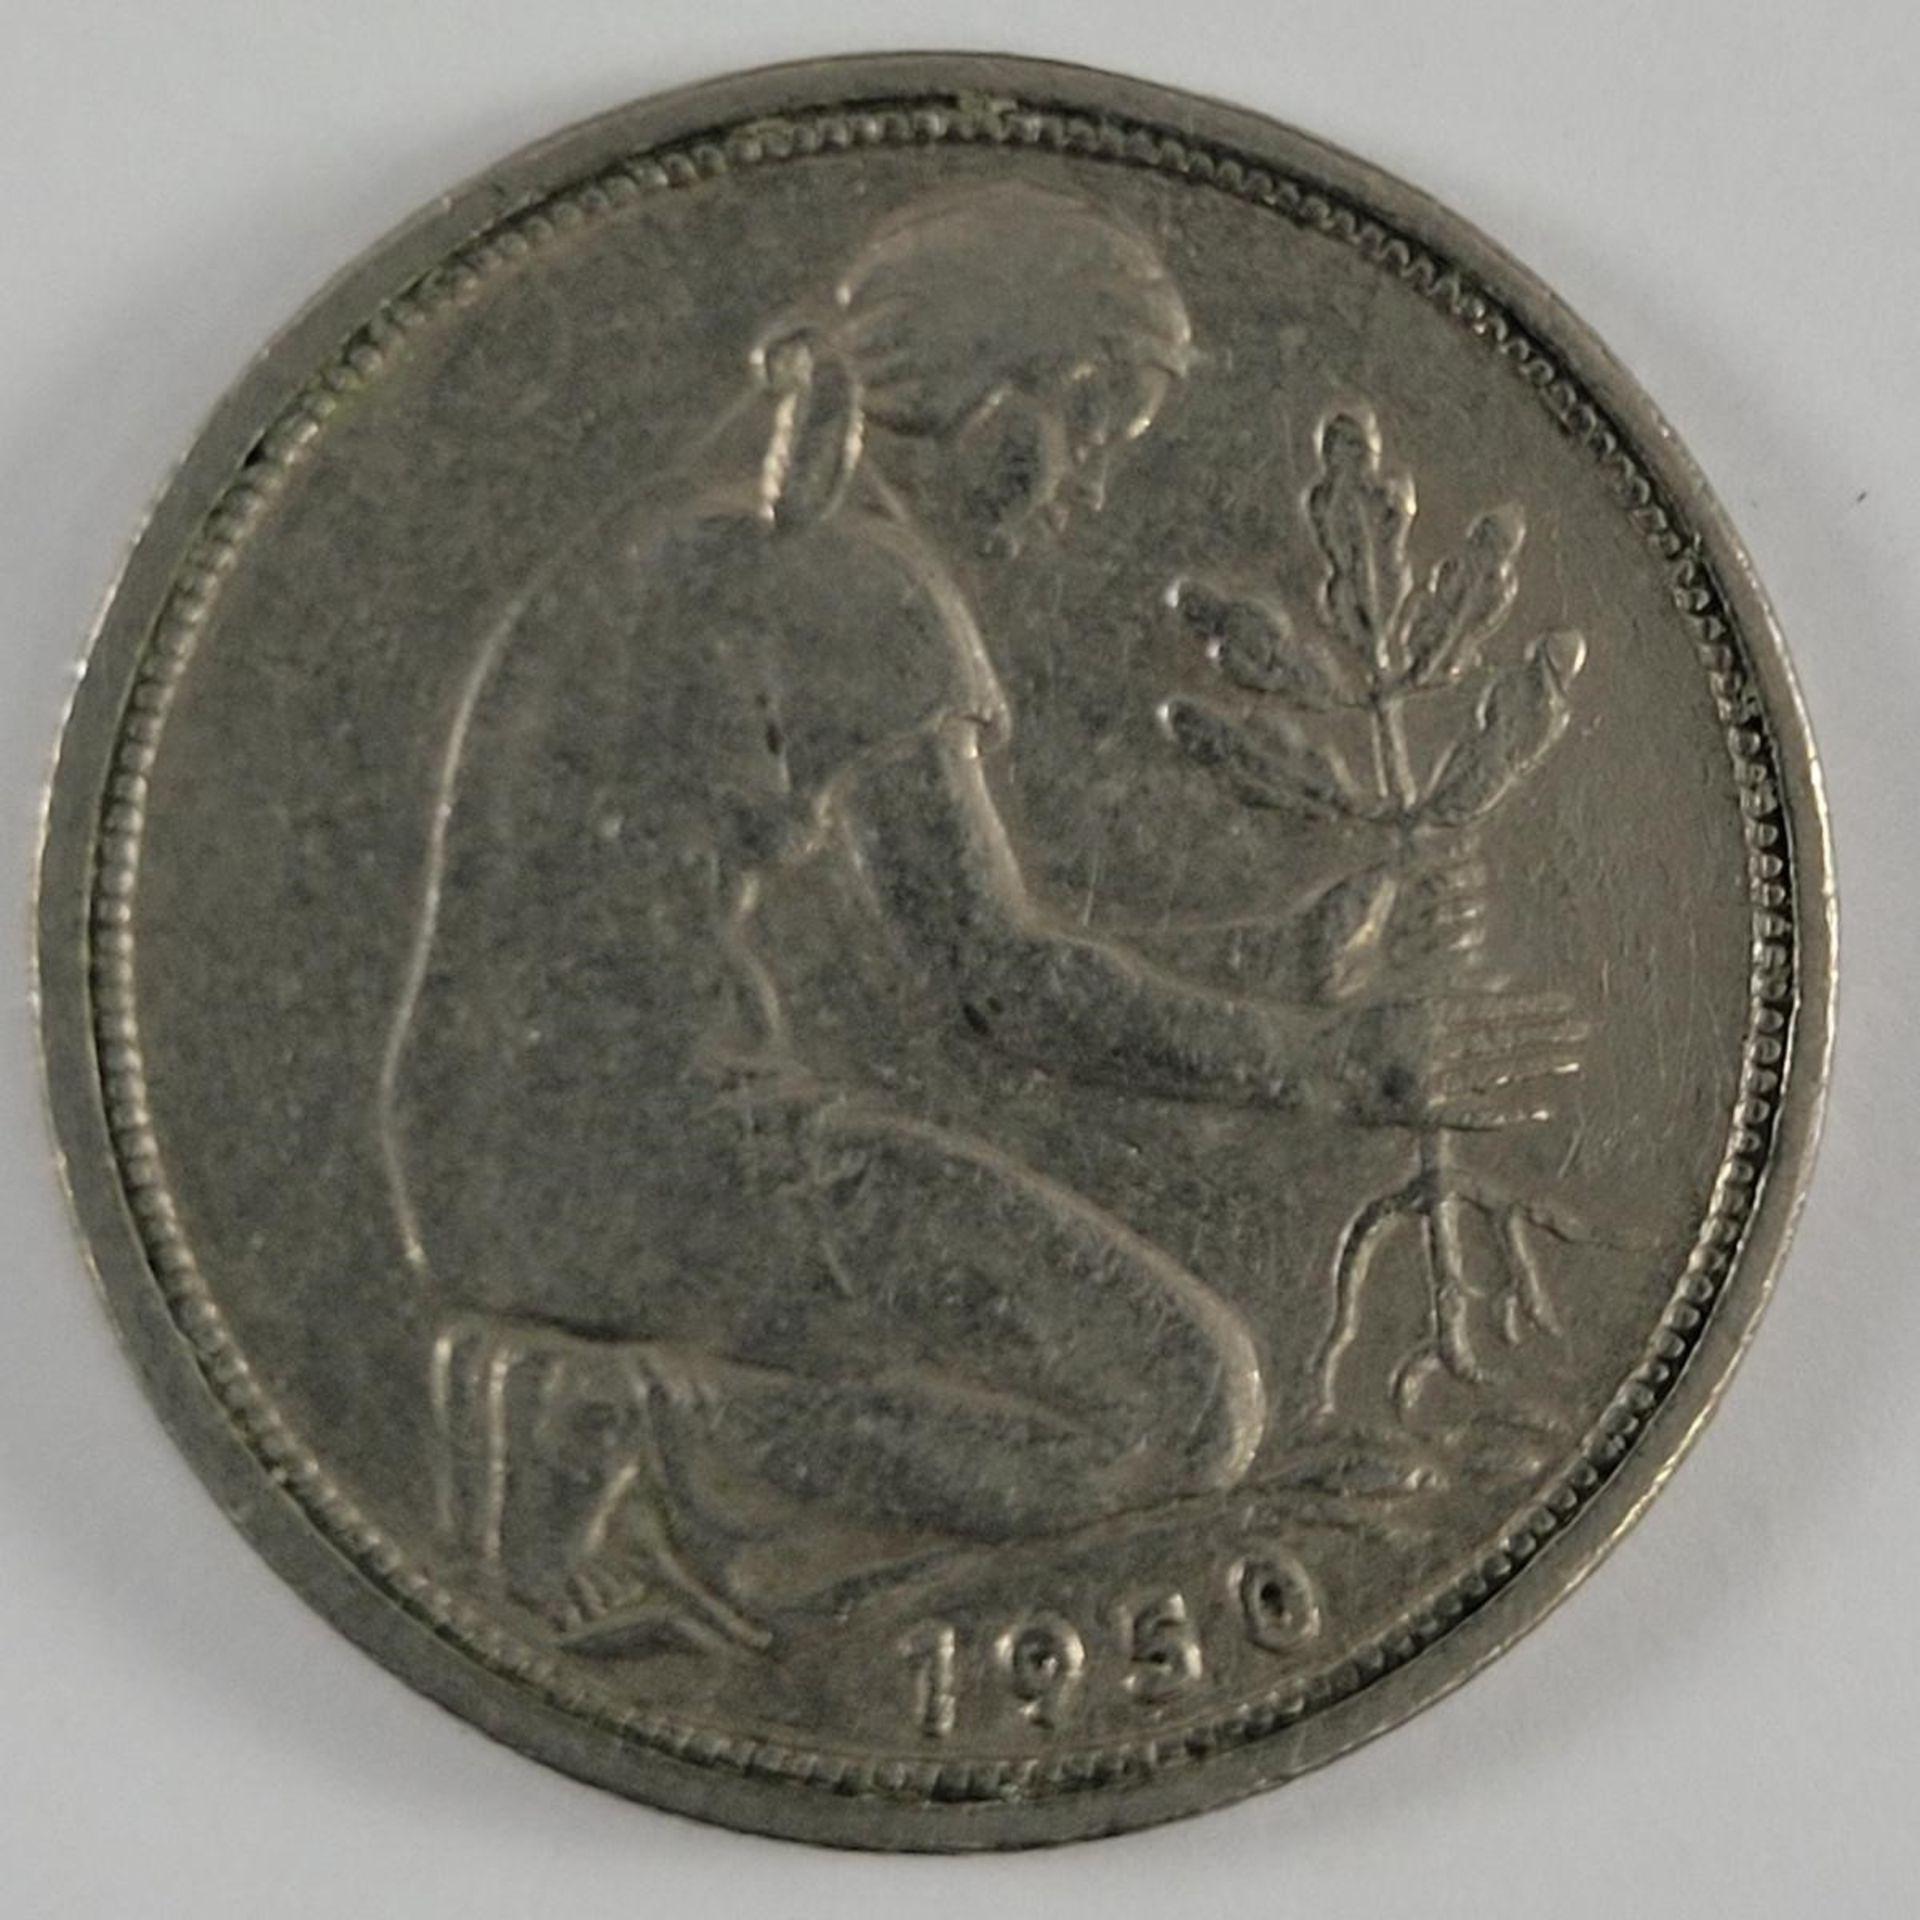 BRD - 50 Pfennig 1950 G, J.379